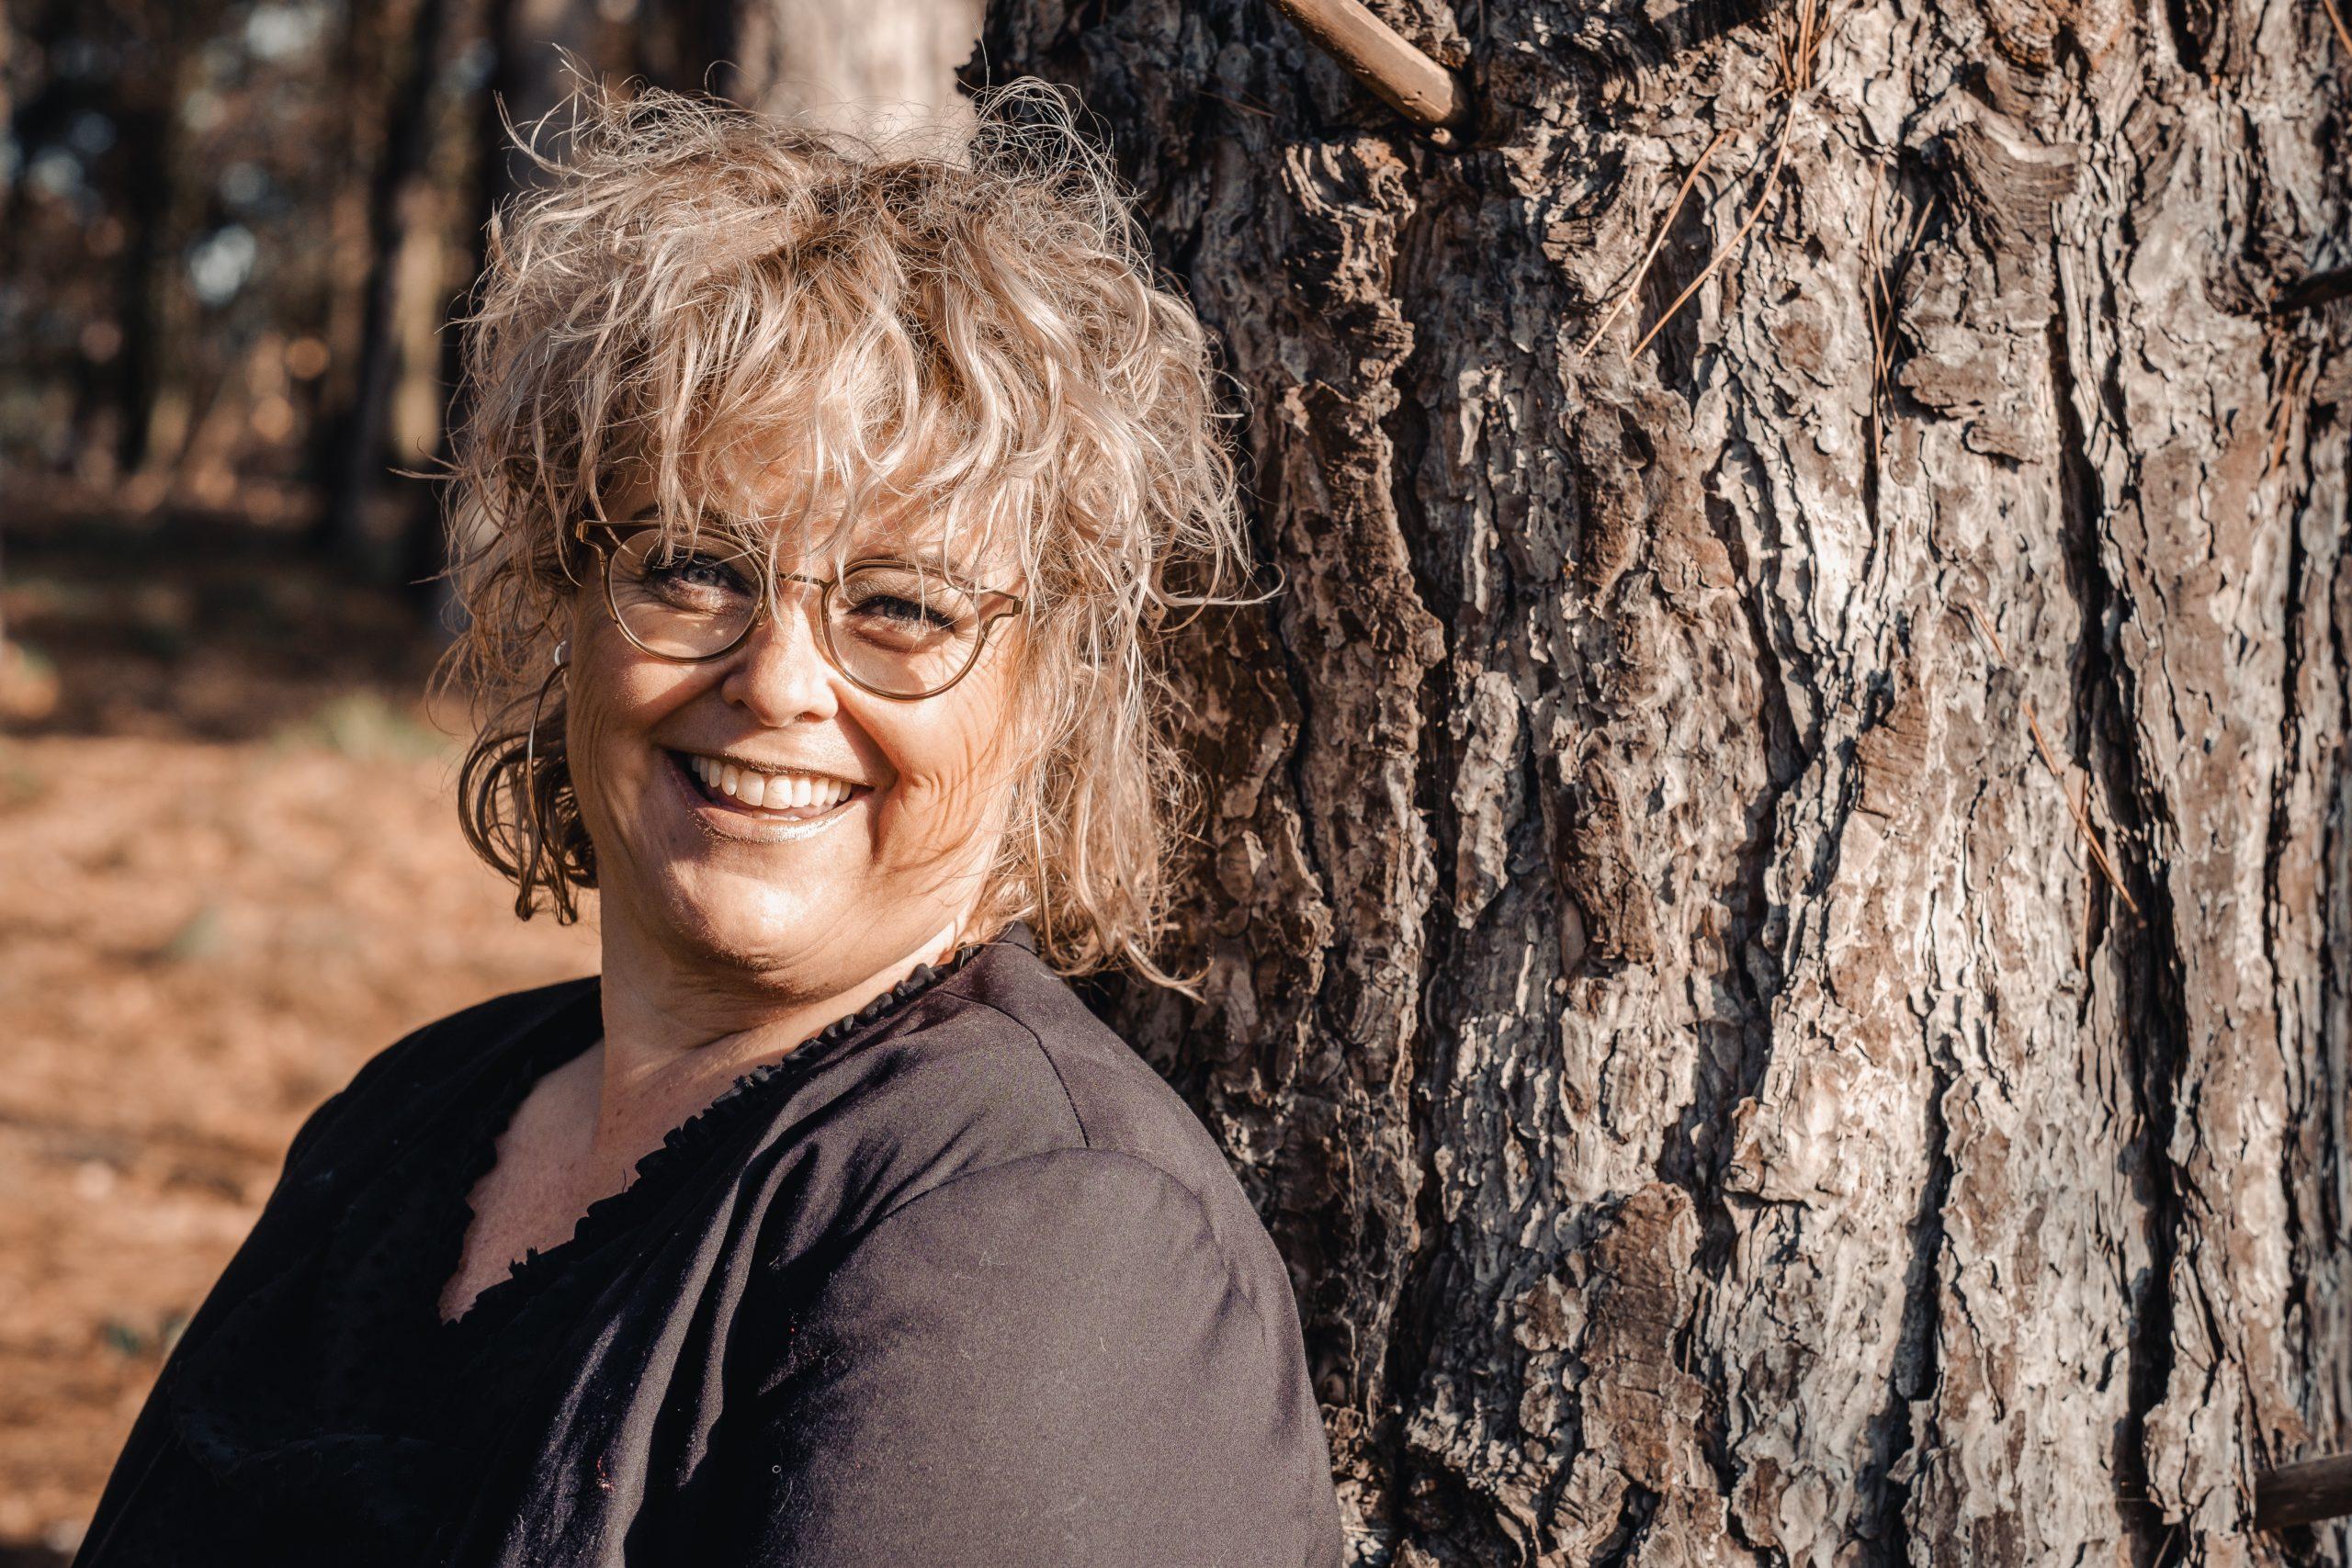 Janine Boswinkel